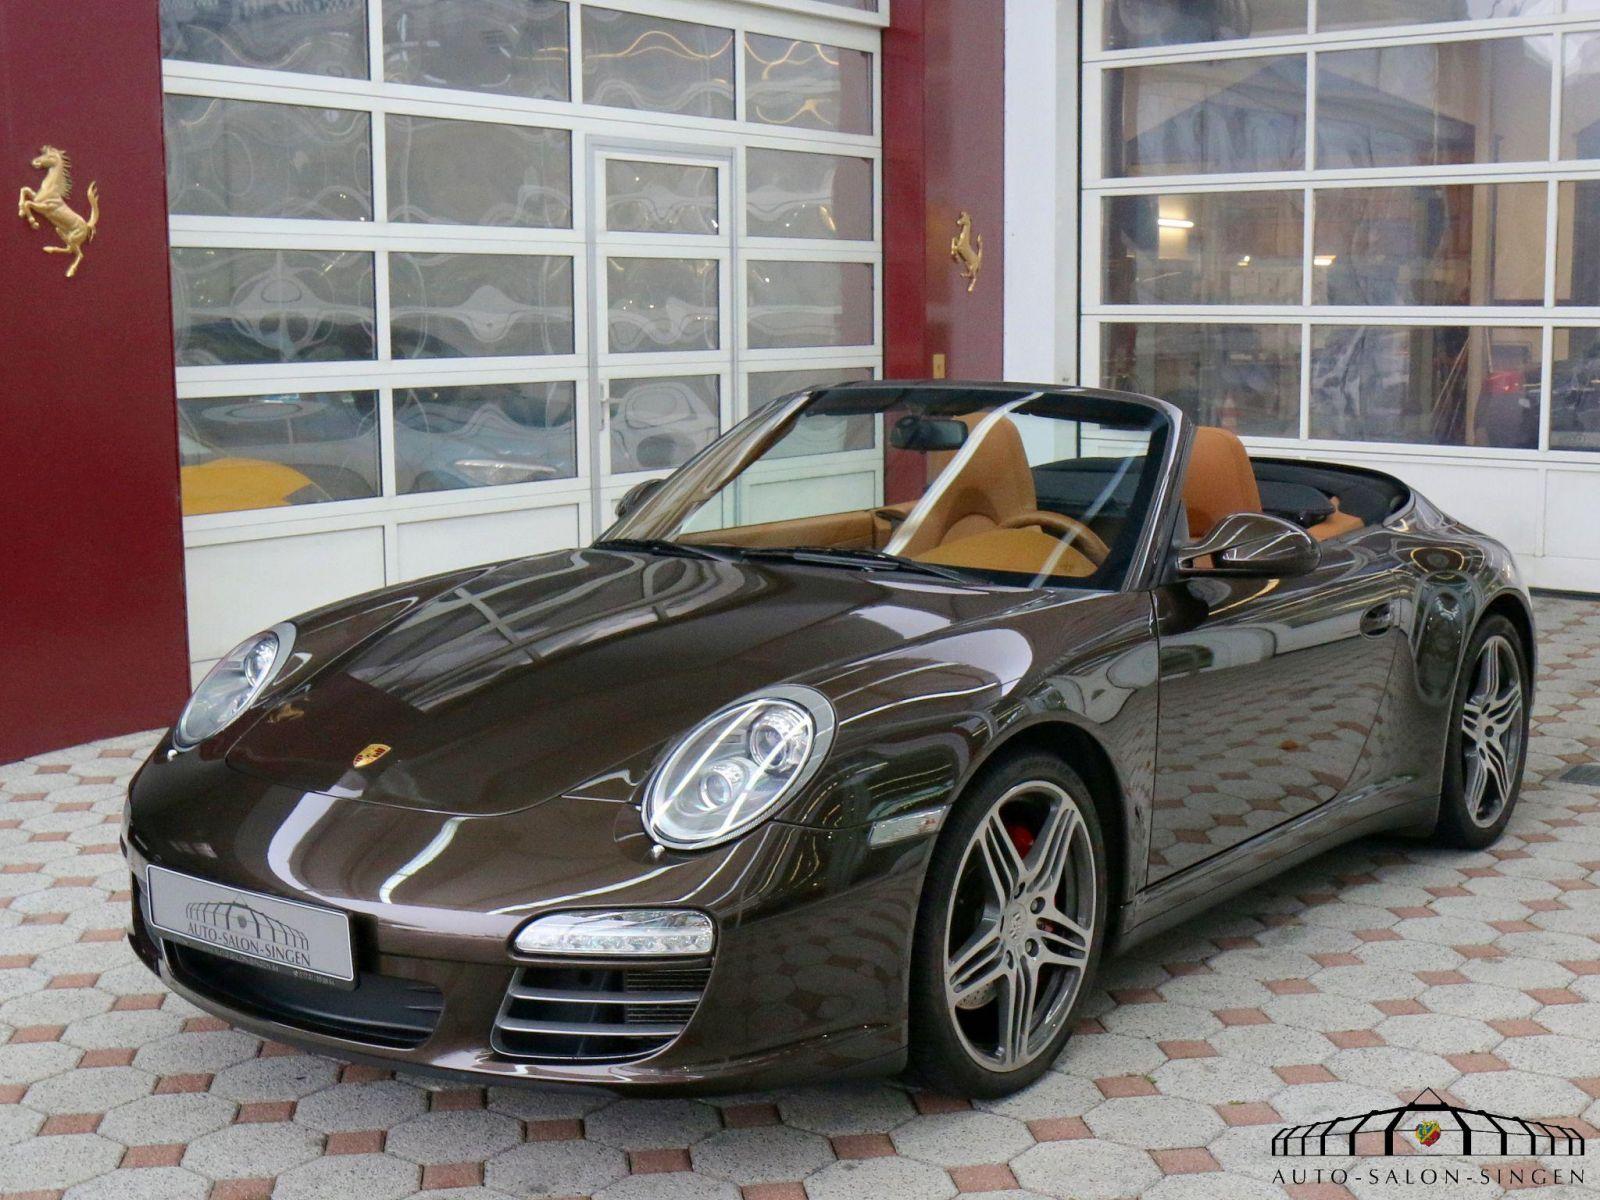 Porsche 997 Carrera 4s Cabrio Convertible Auto Salon Singen Porsche Porsche 911 Carrera Porsche 911